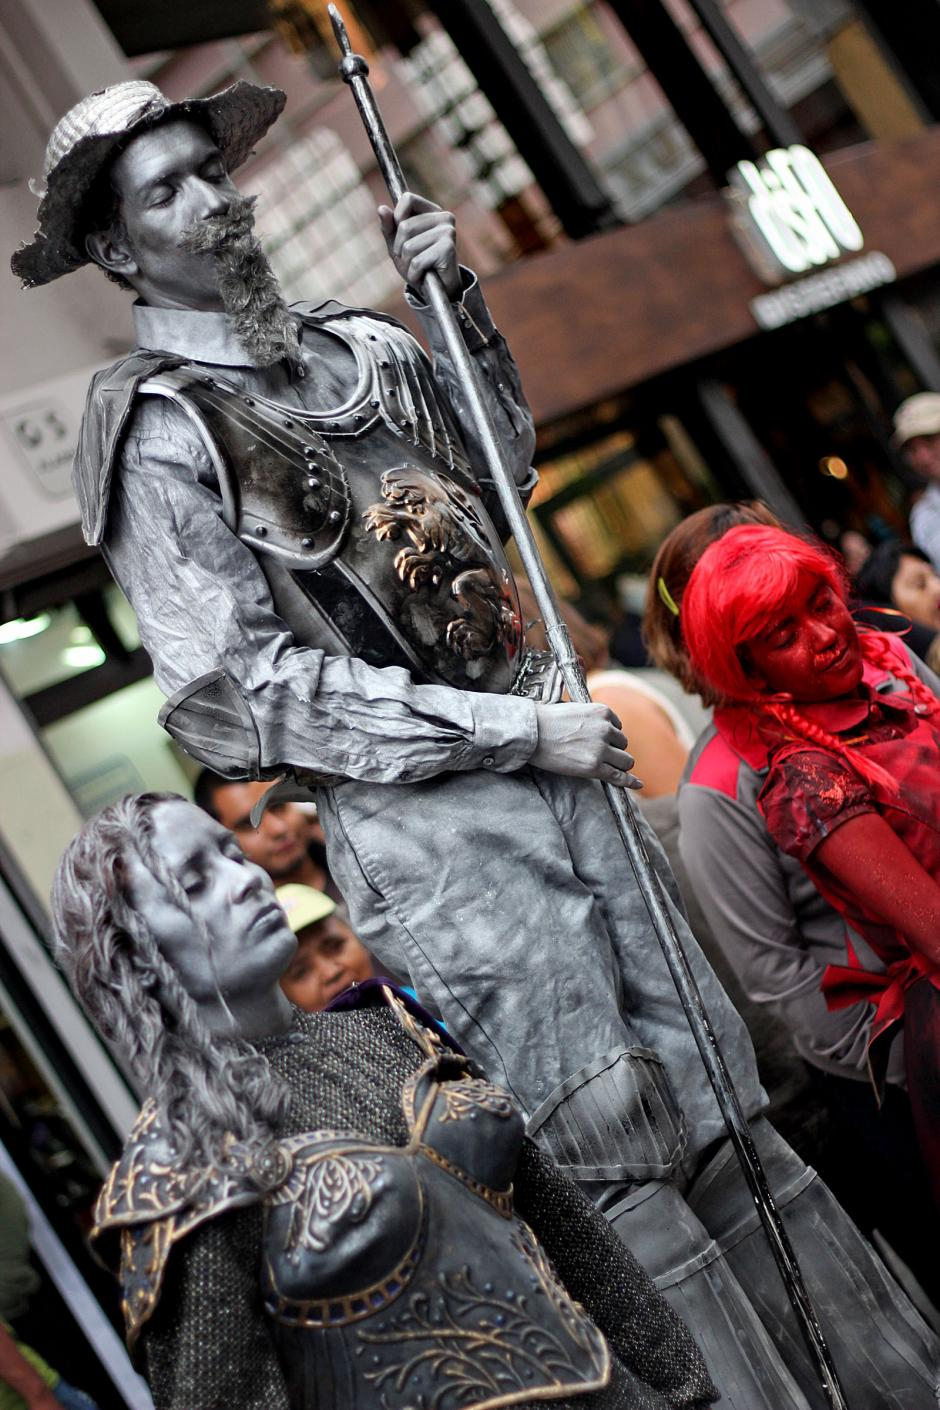 El Quijote de la Mancha fue representado con una estatua humana.